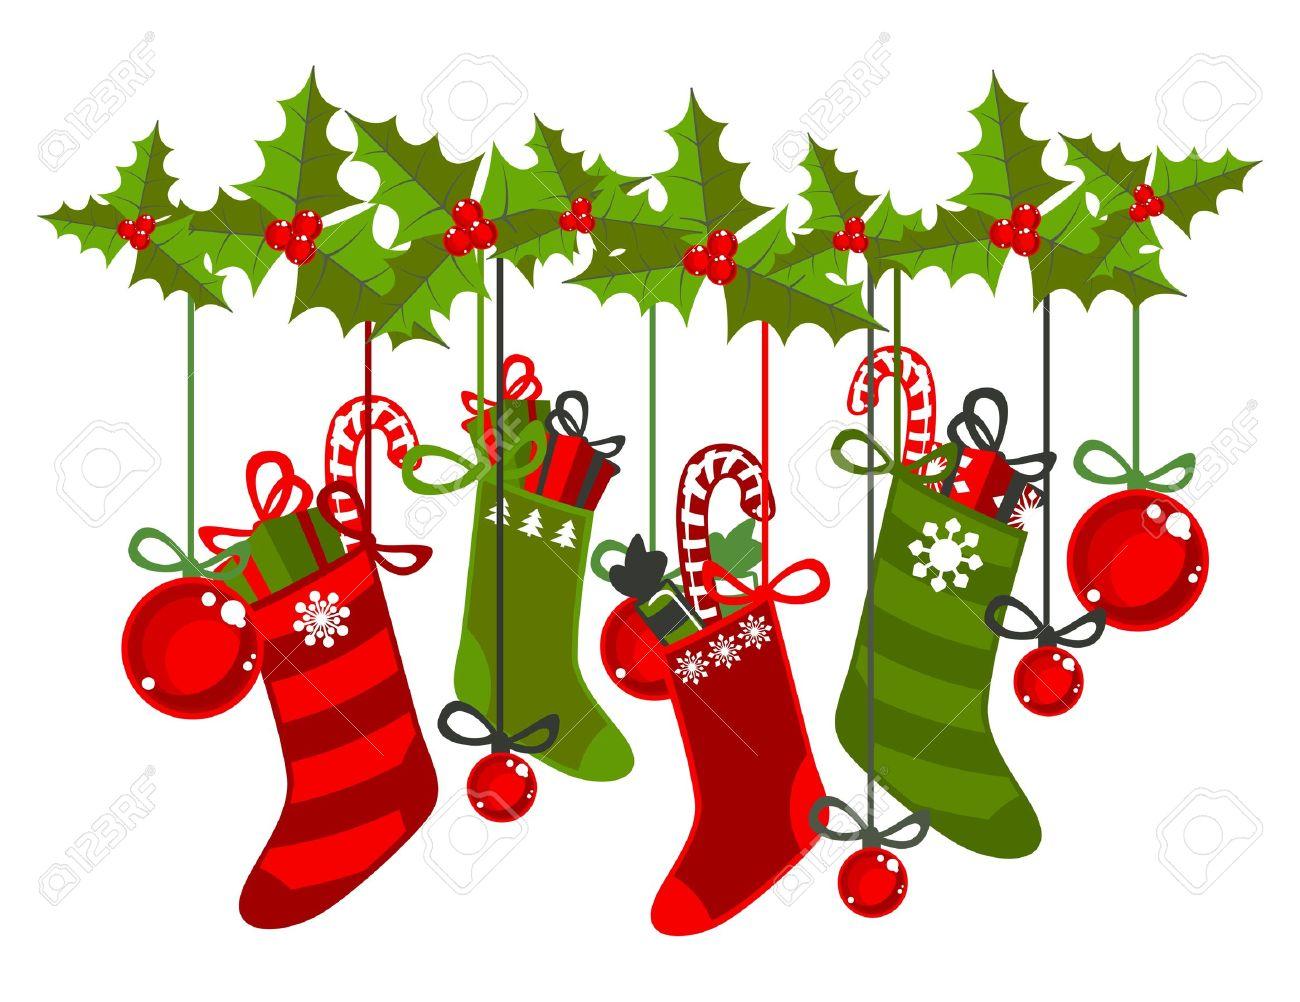 Fein Weihnachtsstrumpf Clipart Bilder - Weihnachtsbilder ...